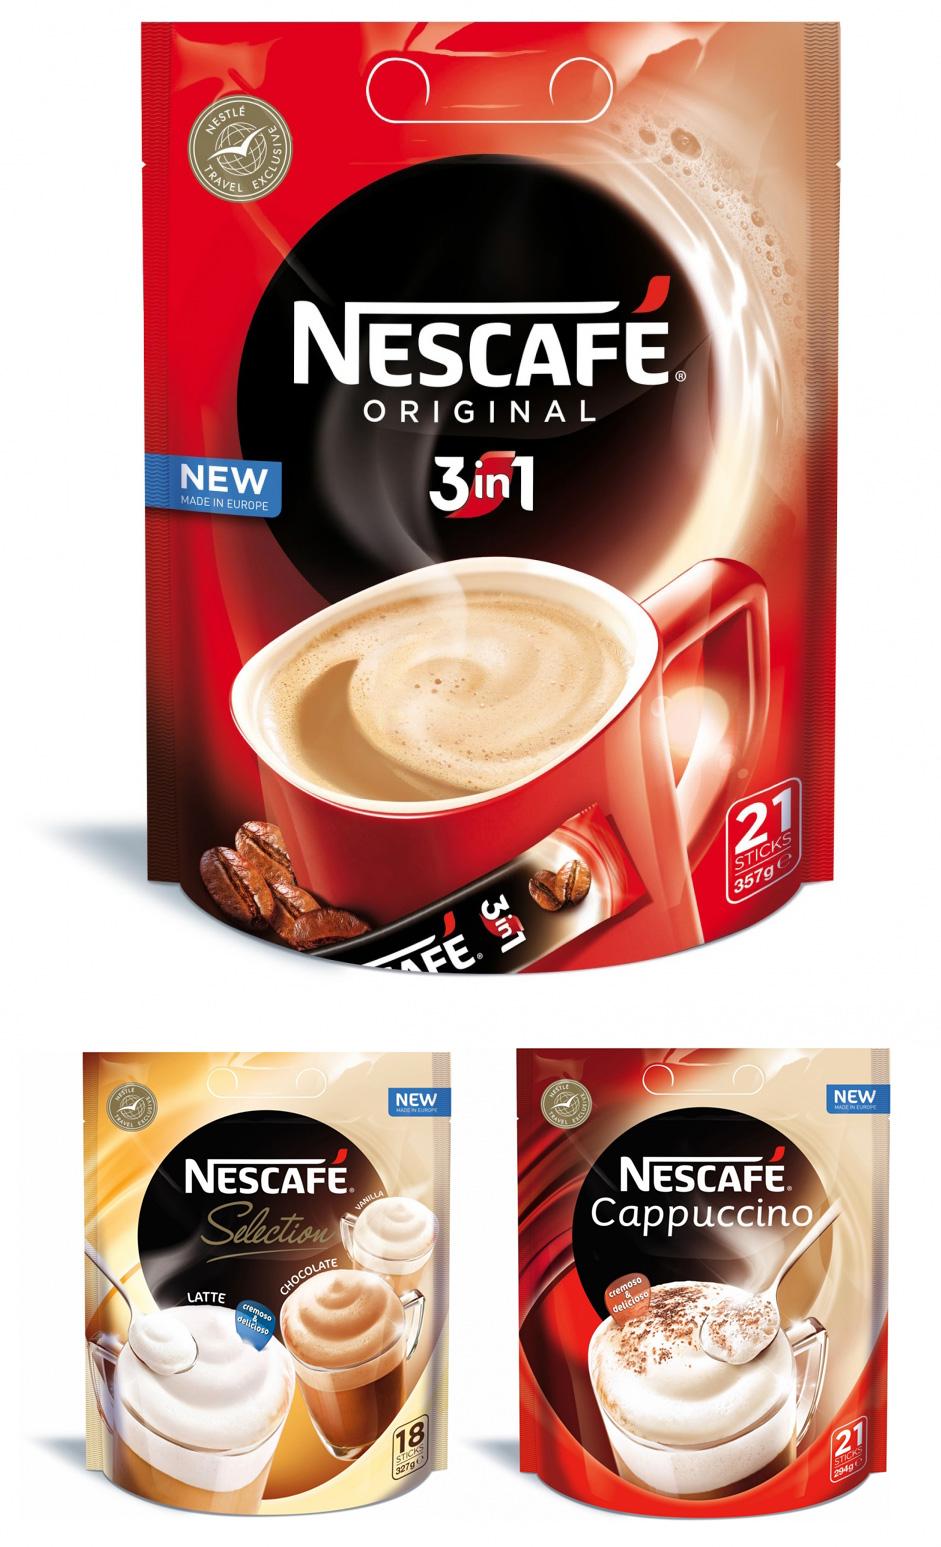 nescafe_packaging.jpg